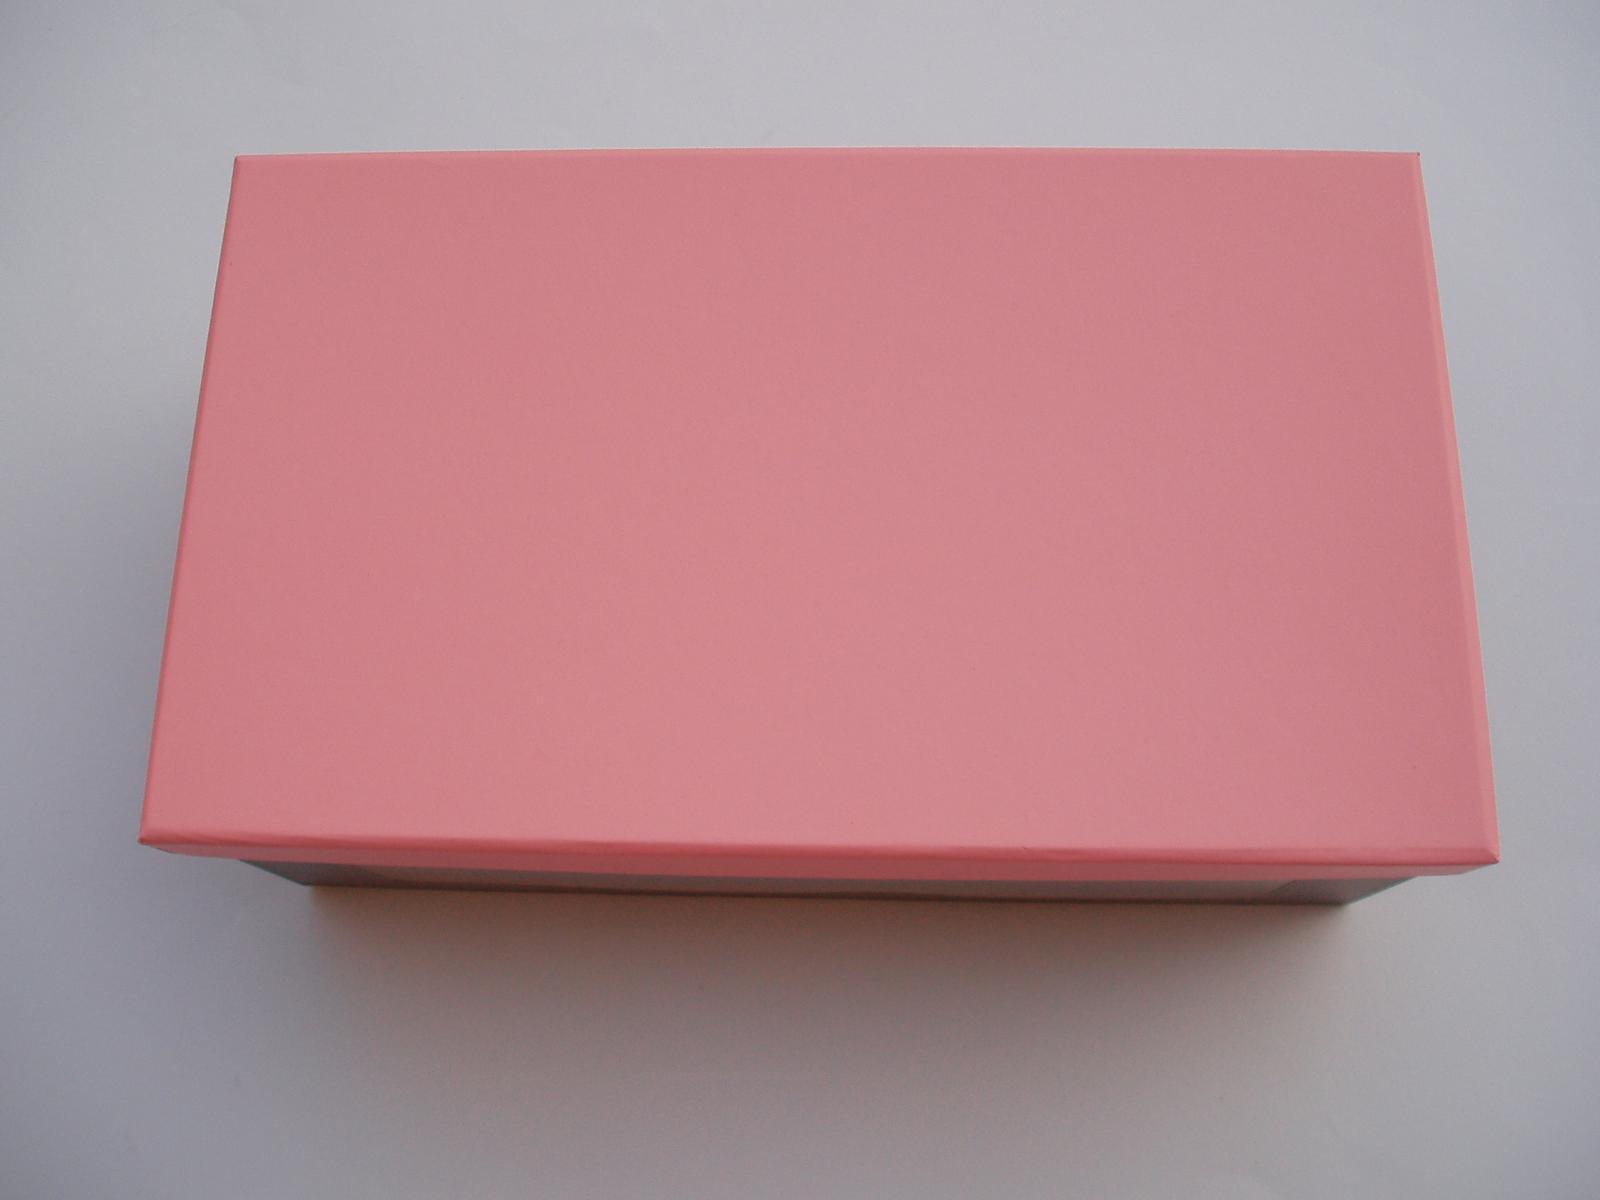 krabička na přání - Obrázek č. 3